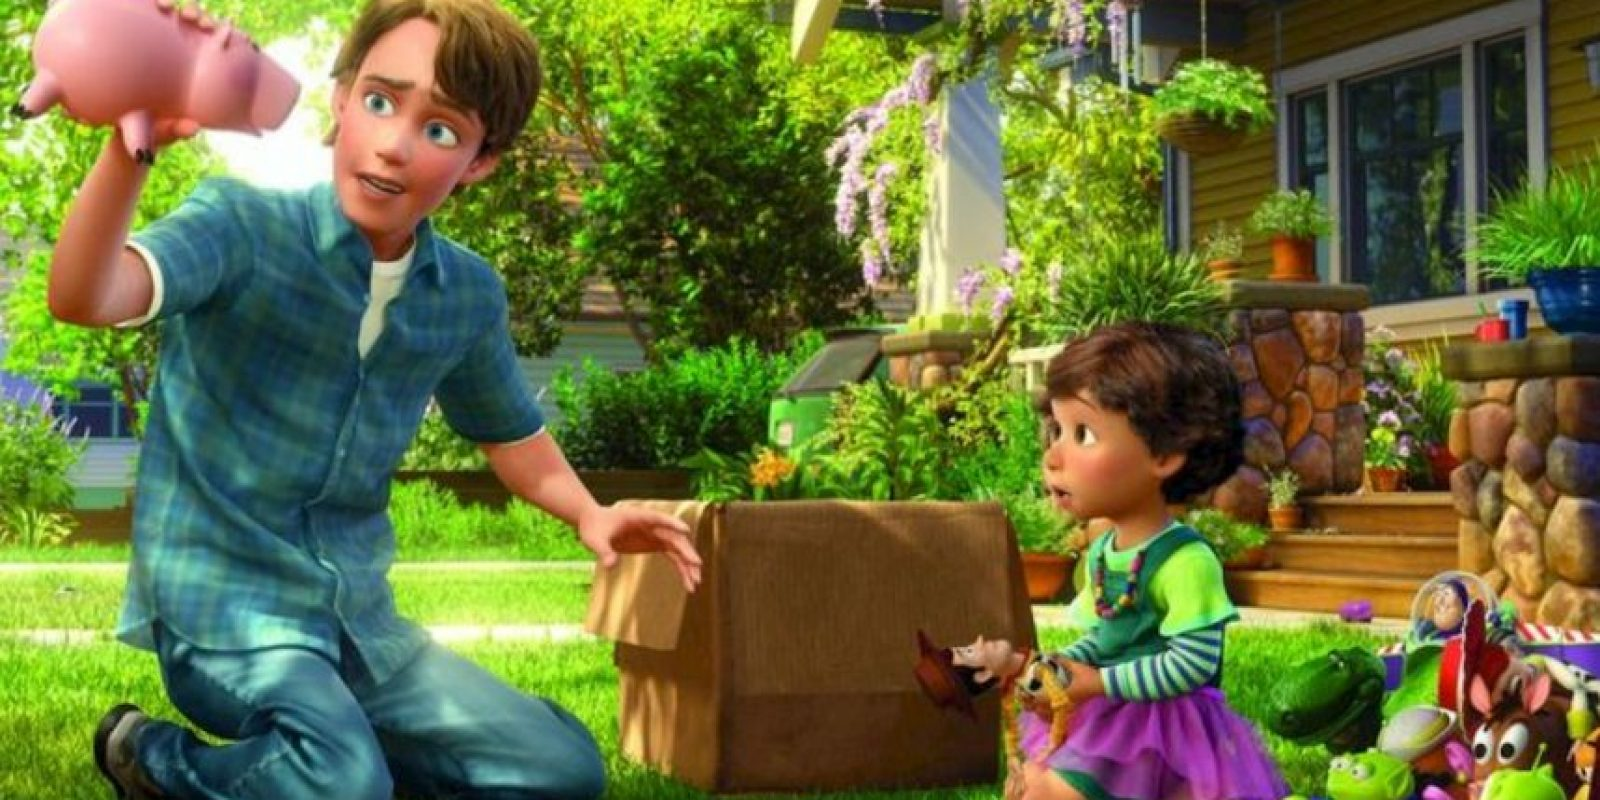 """Al final de """"Toy Story 3"""" le cuesta dejar a """"Woody"""", pero al ver a la niña no puede negarse. Así entrega todo su pasado a la pequeñita. Foto:vía Disney/Pixar"""